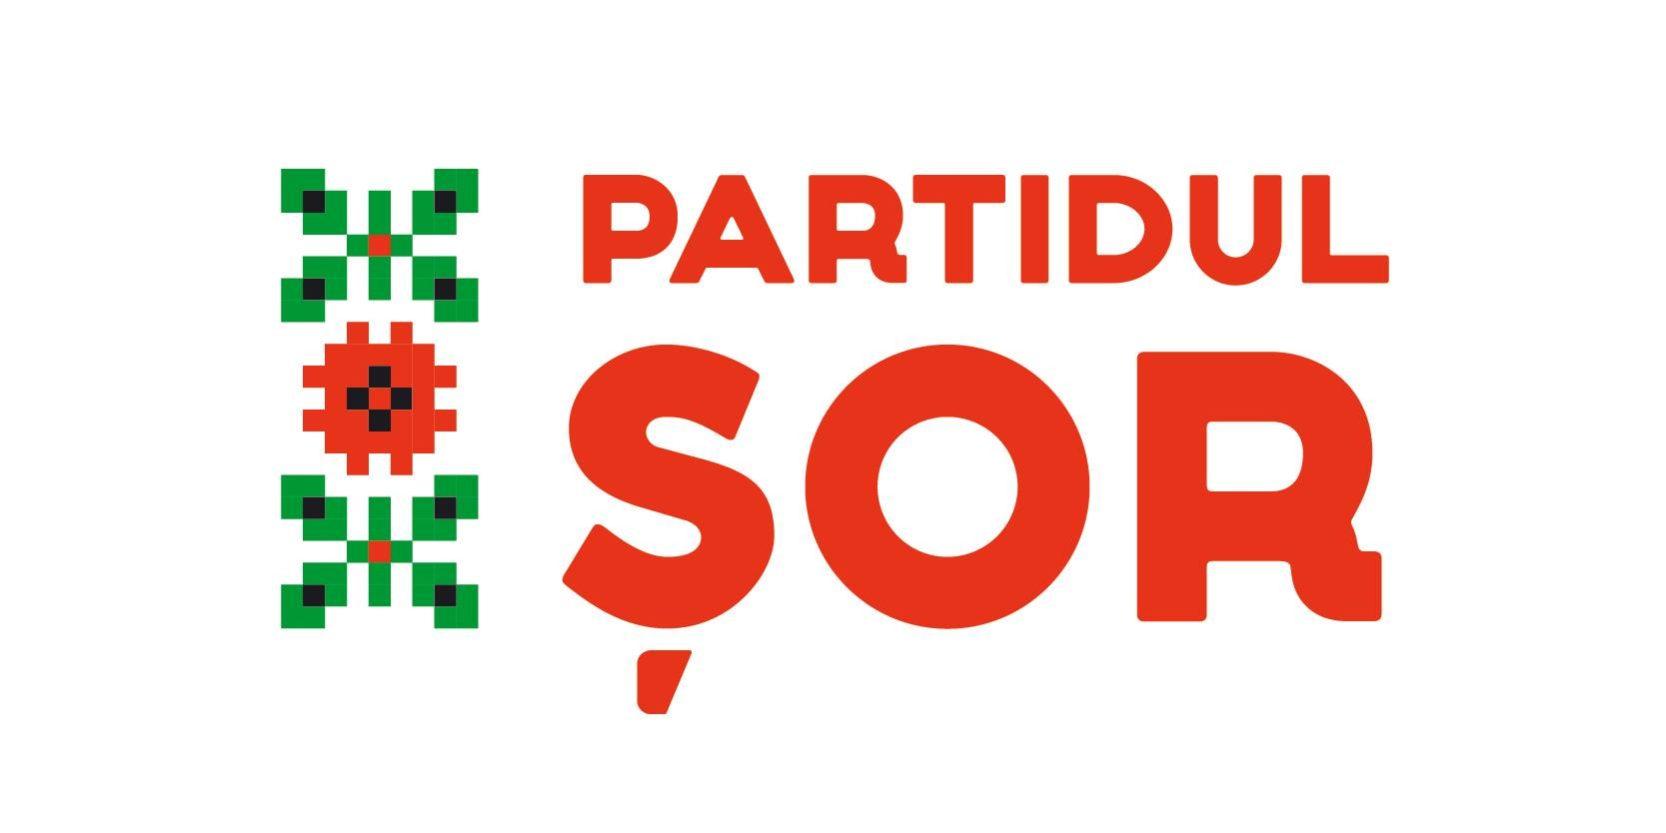 Partidul ȘOR a fost înregistrat în campania electorală. Cine se mai îndoia?